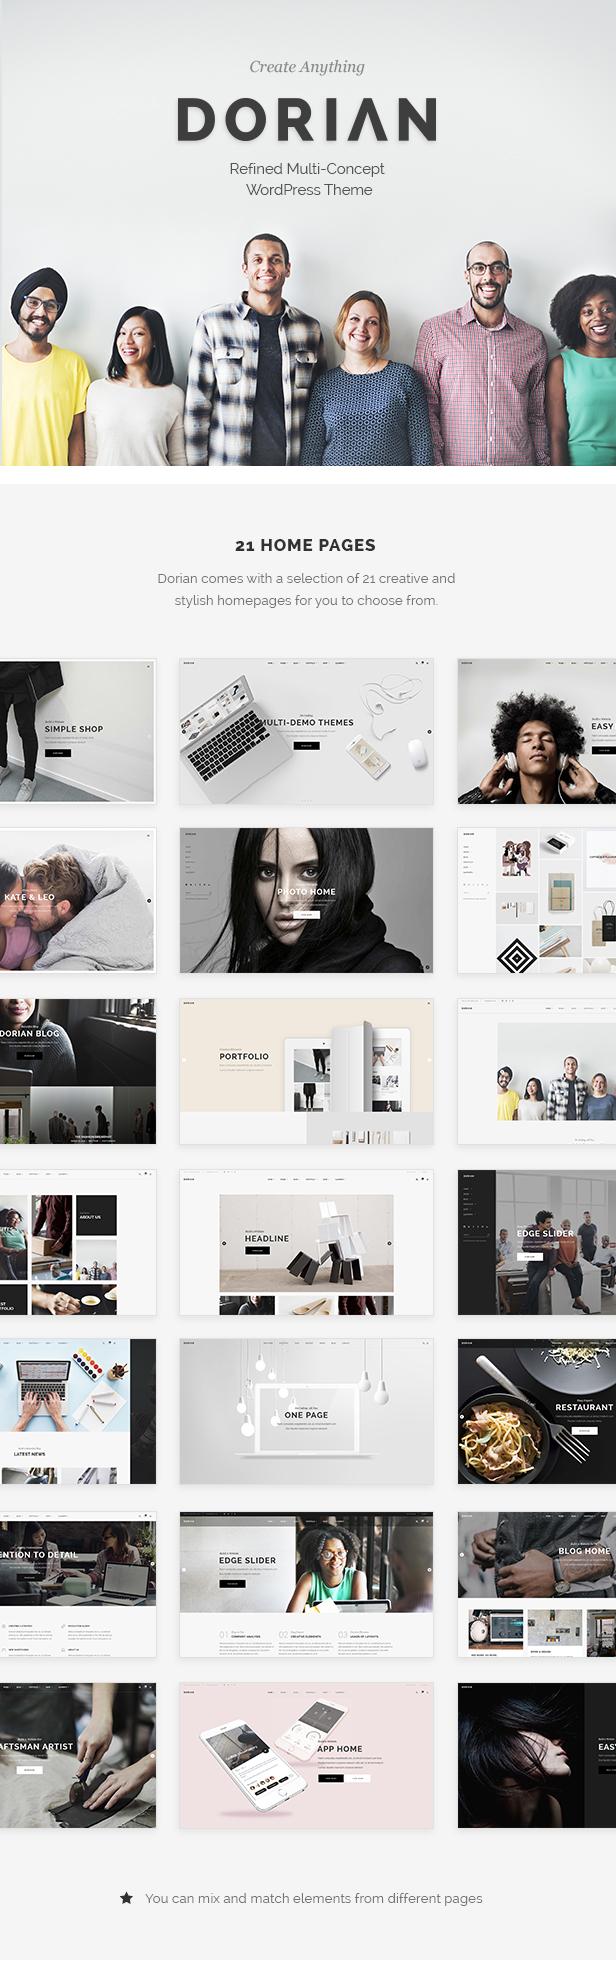 Dorian - Refined Multi-Concept WordPress Theme - 1